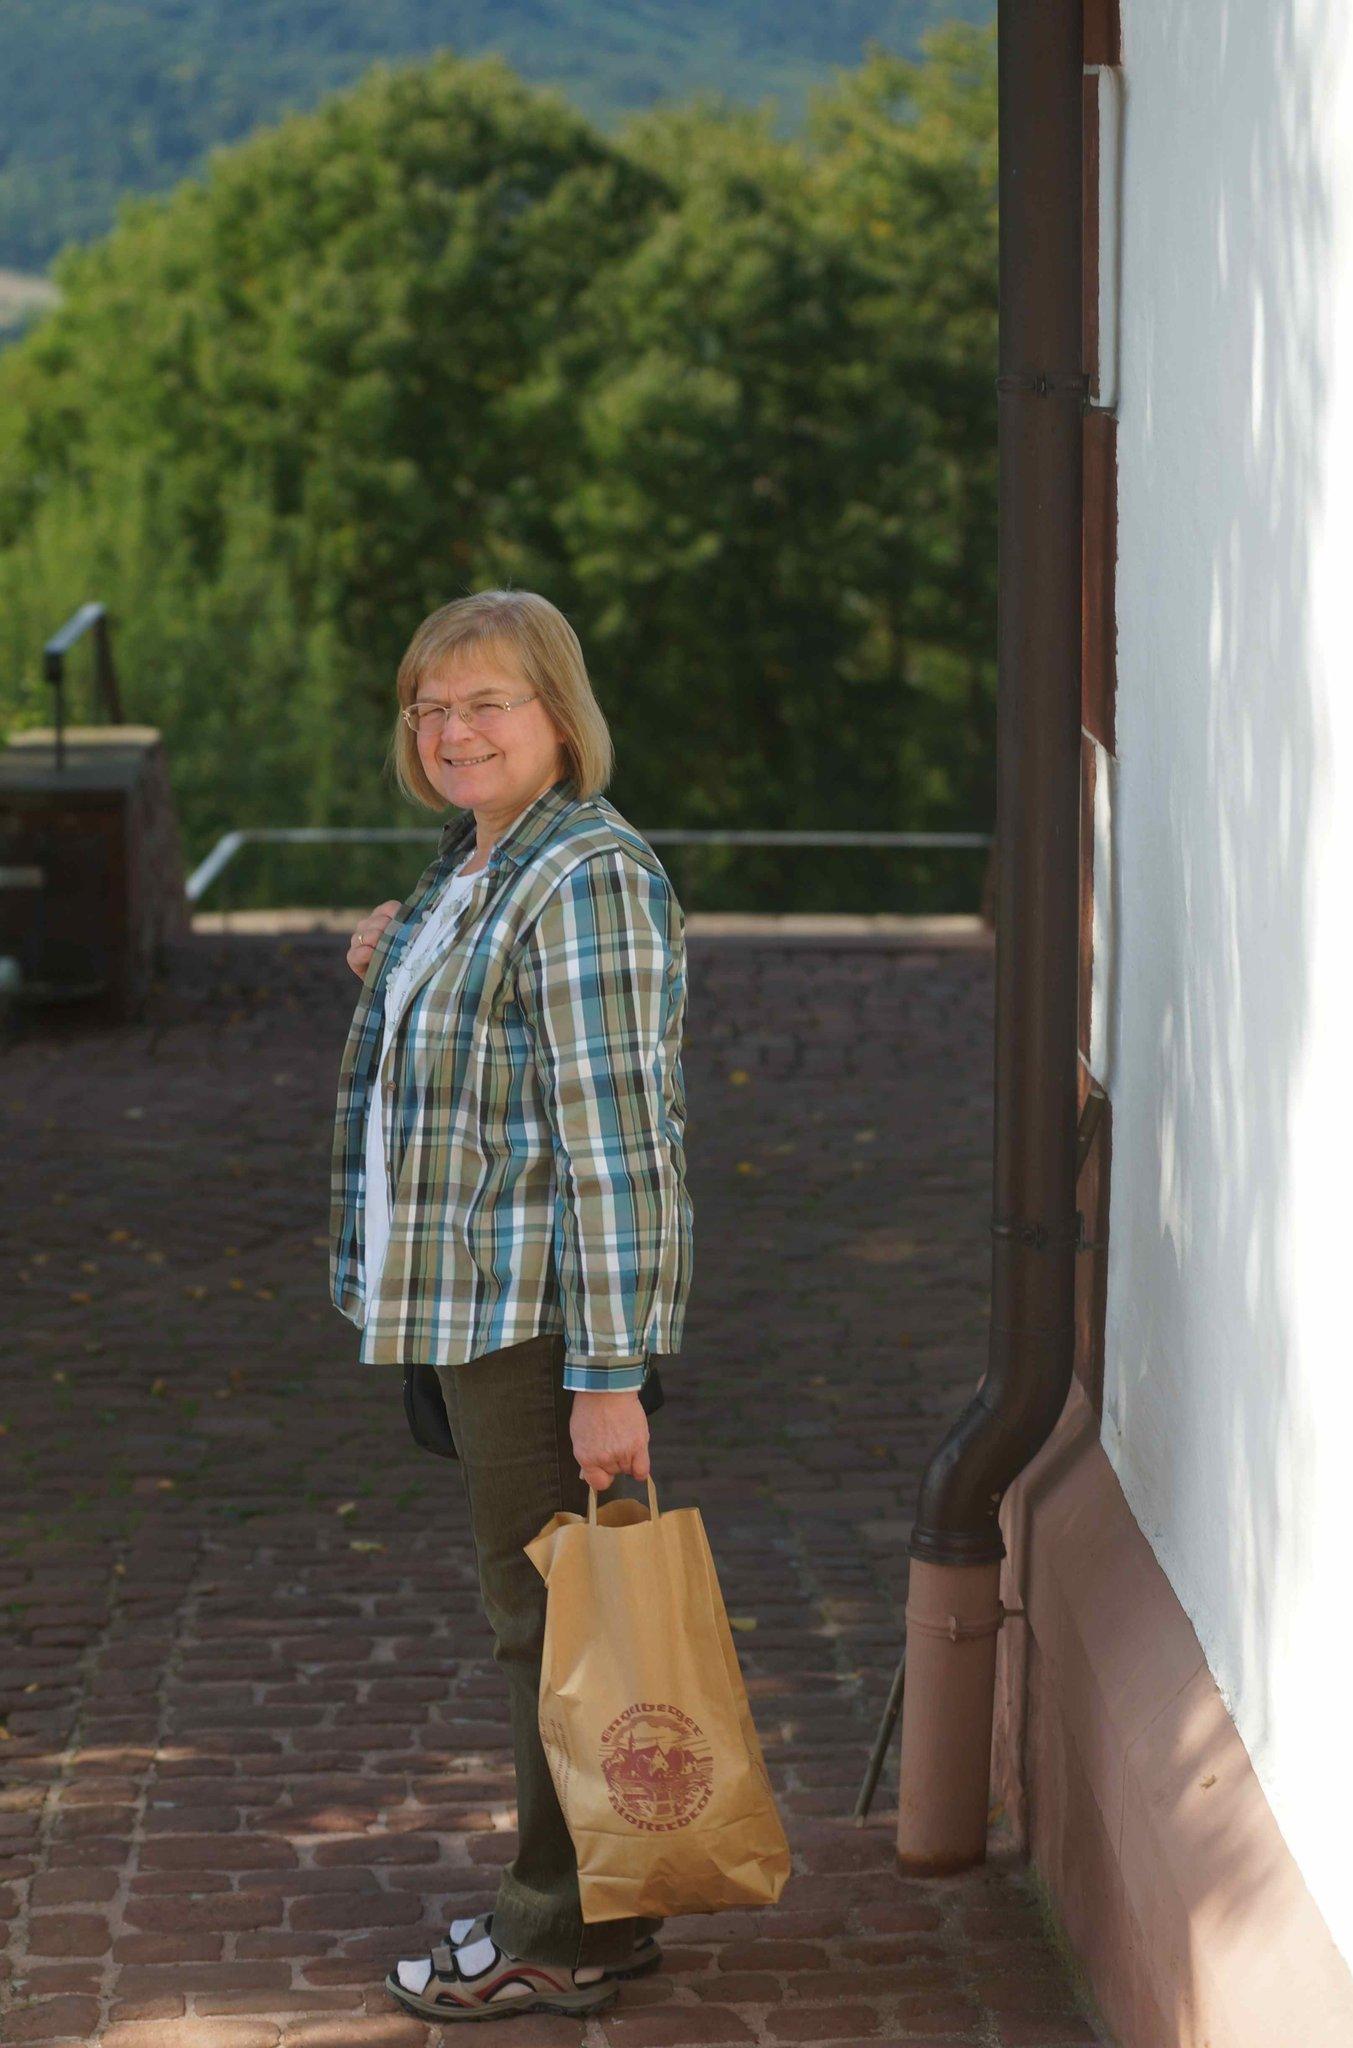 Engelberg großheubach parken kloster Kloster Engelberg